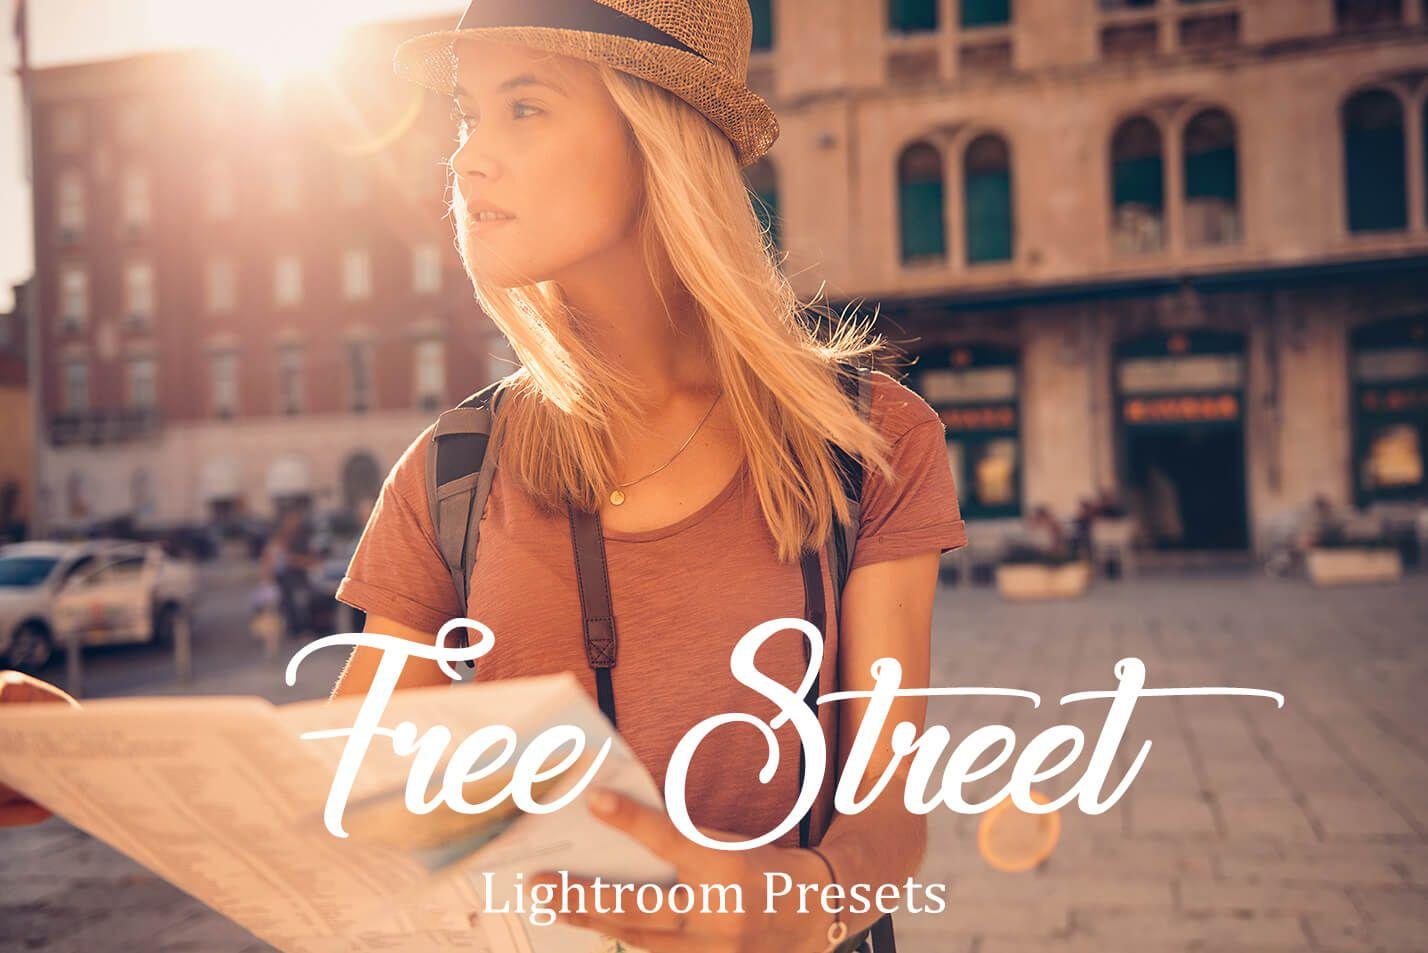 Lightroom Presets Free Download Zip Mobile Preset